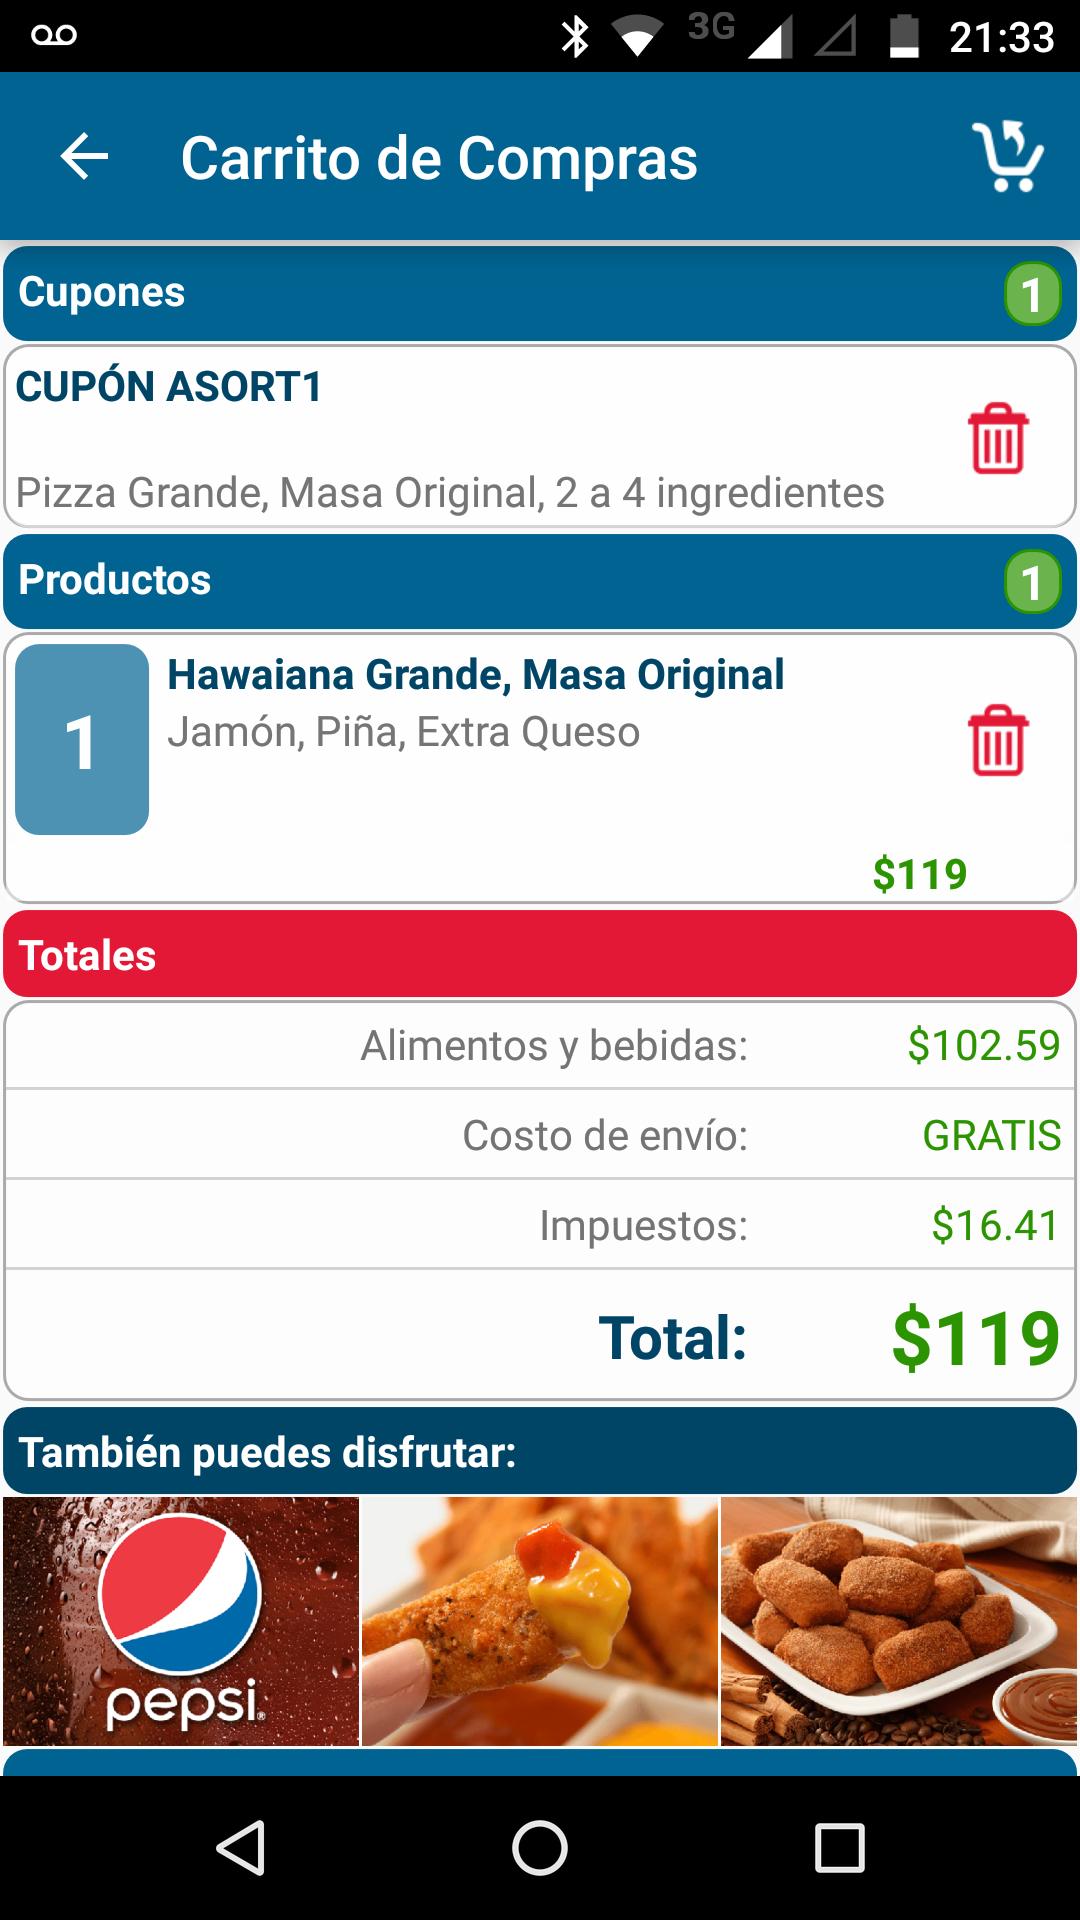 Domino's pizza cupón pizza grande 2 a 4 ingredientes $119